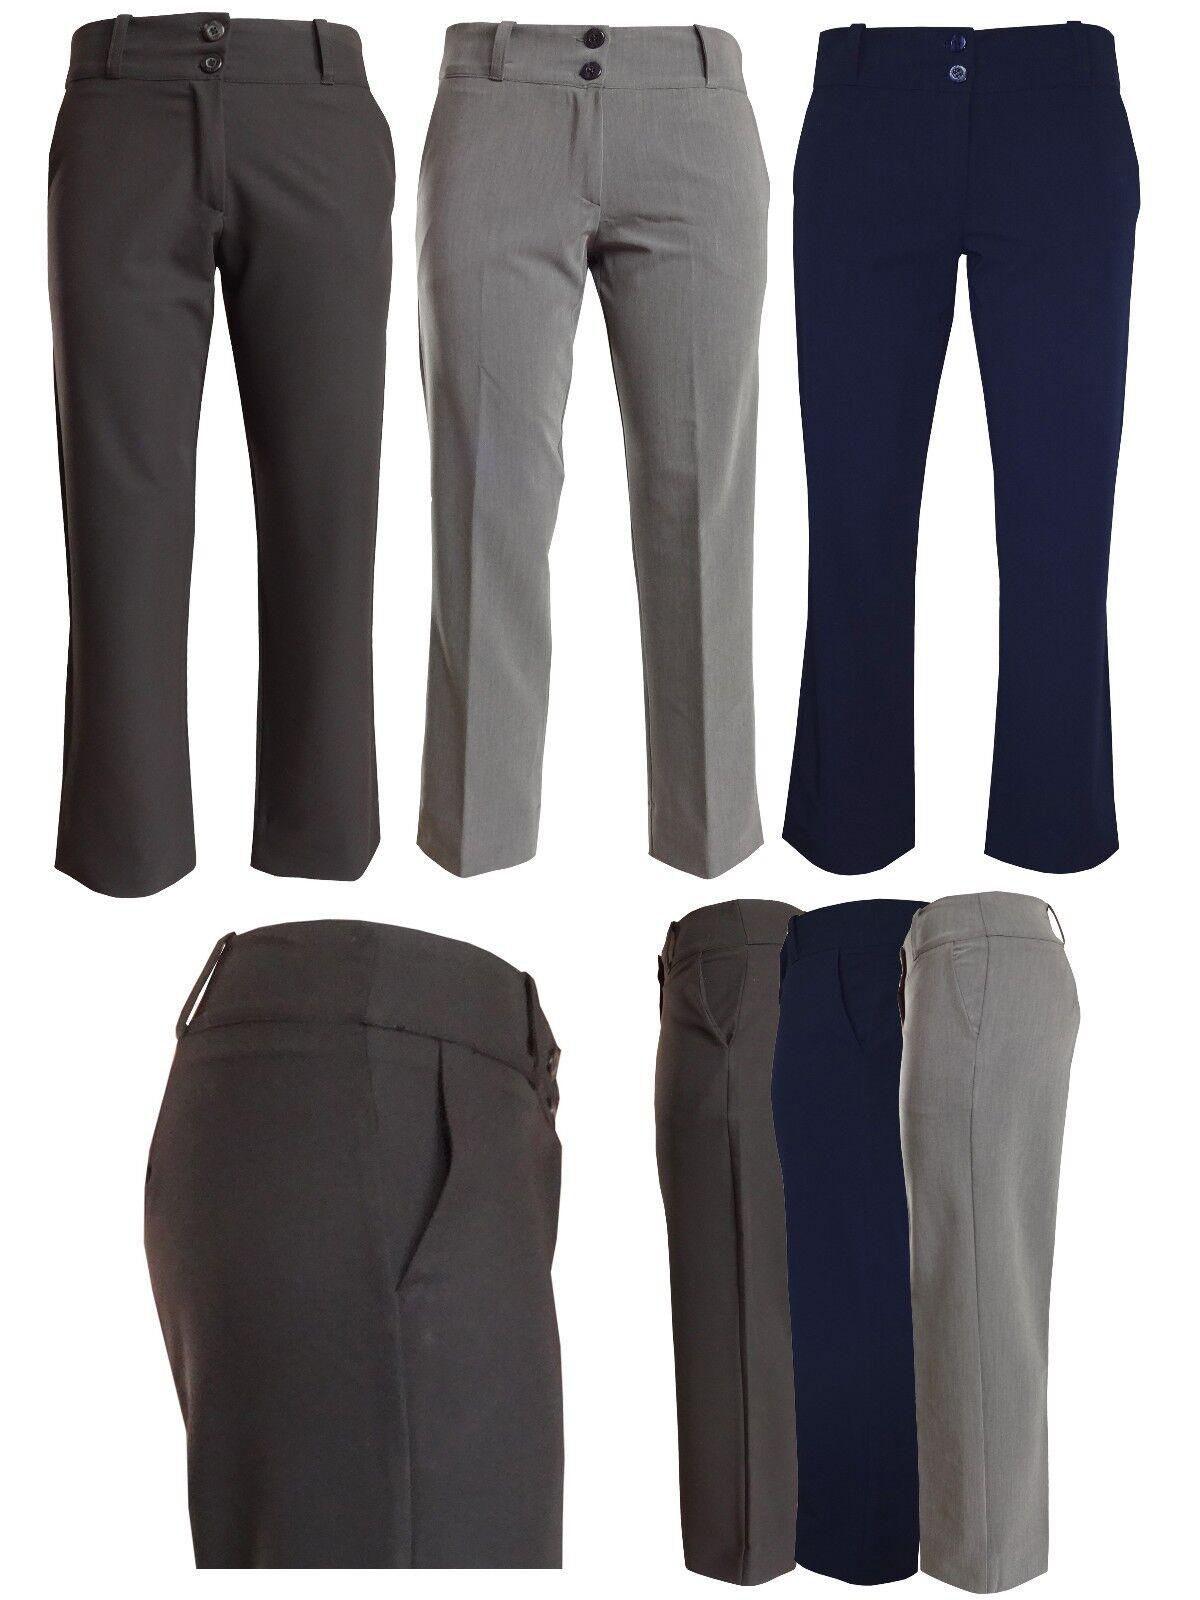 Pantaloni per Ragazze da Scuola women Lavgold D'Ufficio Eleganti Formali